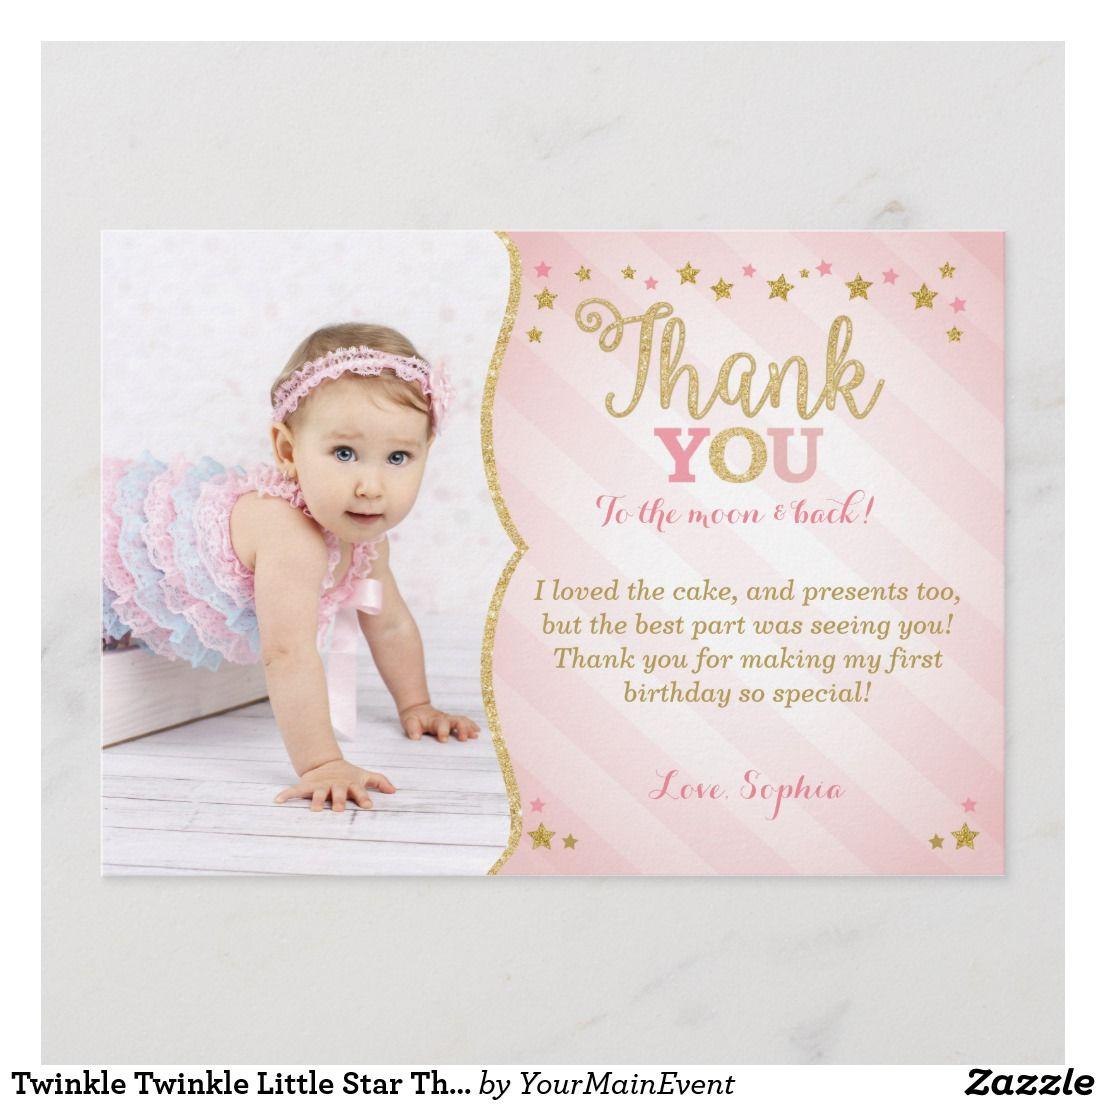 Twinkle Twinkle Little Star Thank You Card Zazzle Com Twinkle Twinkle Little Star Birthday Invitations Twinkle Twinkle